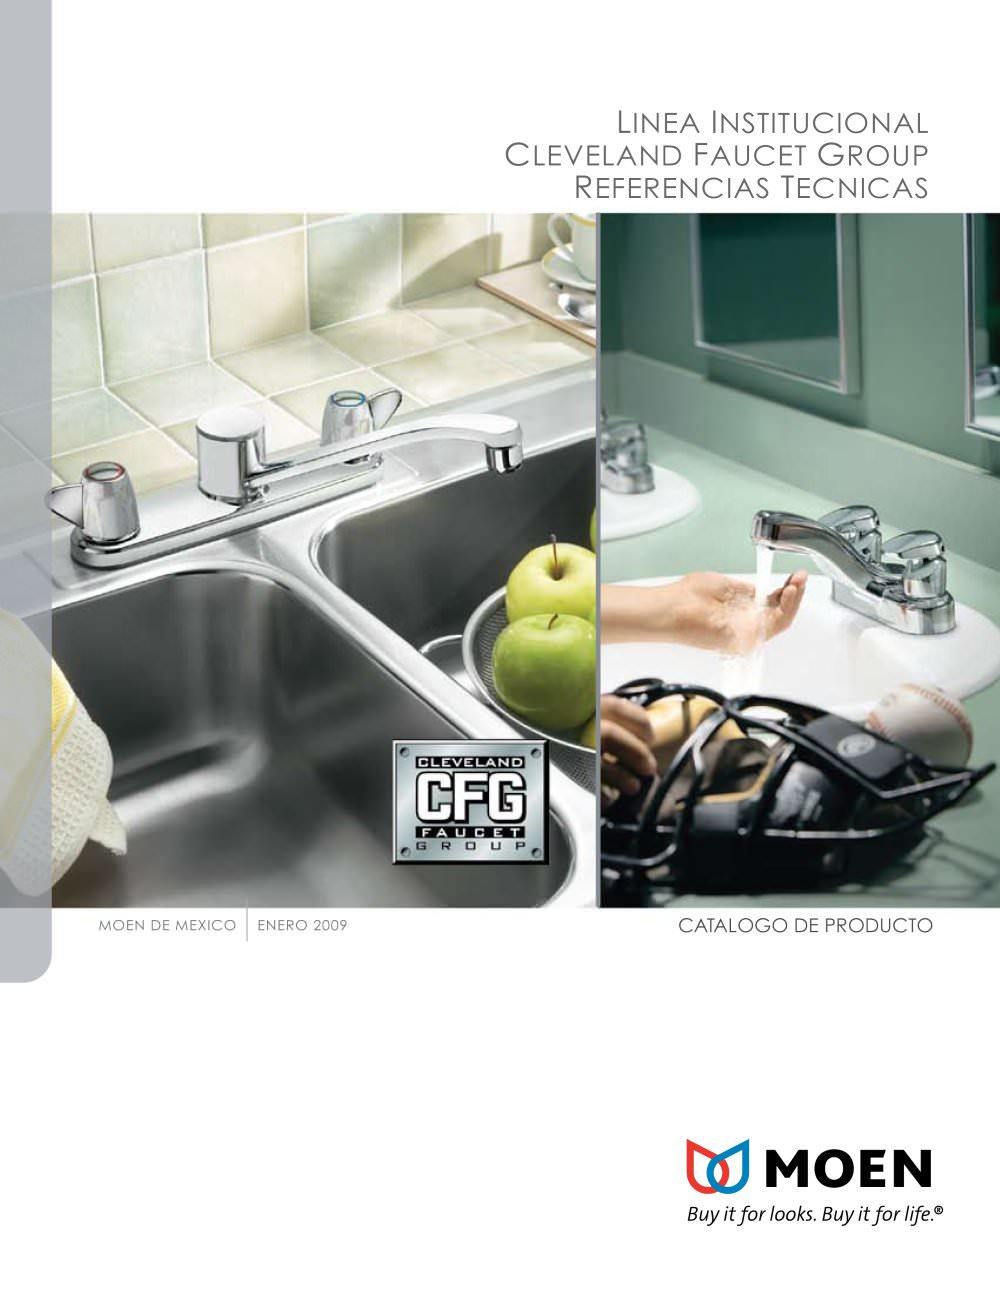 Linea Institucional Catalogo de Producto - 2009 - Moen - Catálogo ...